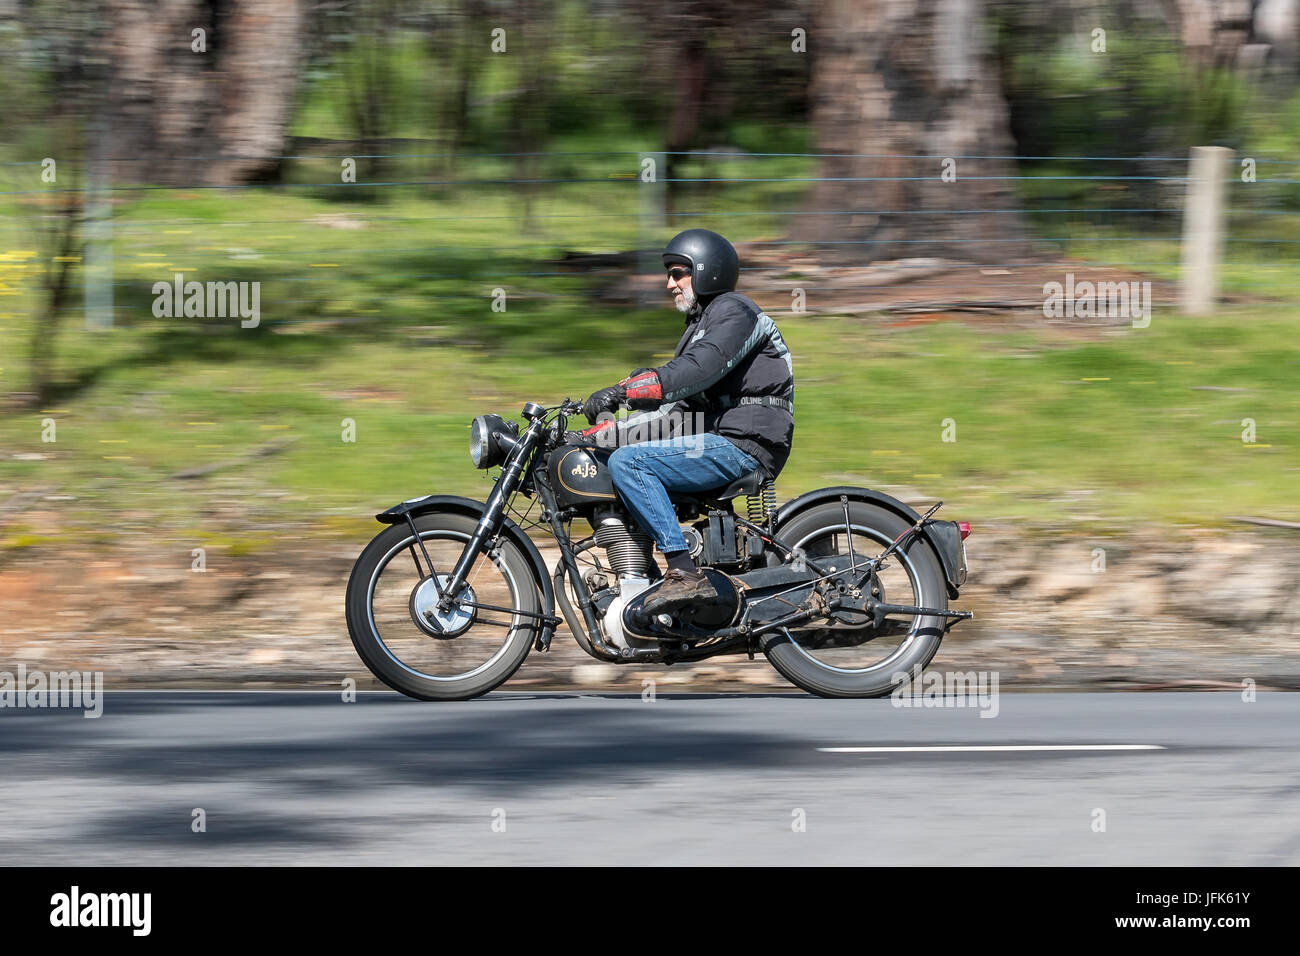 Oldtimer AJS Motorrad auf der Landstraße in der Nähe der Stadt Birdwood, South Australia. Stockfoto